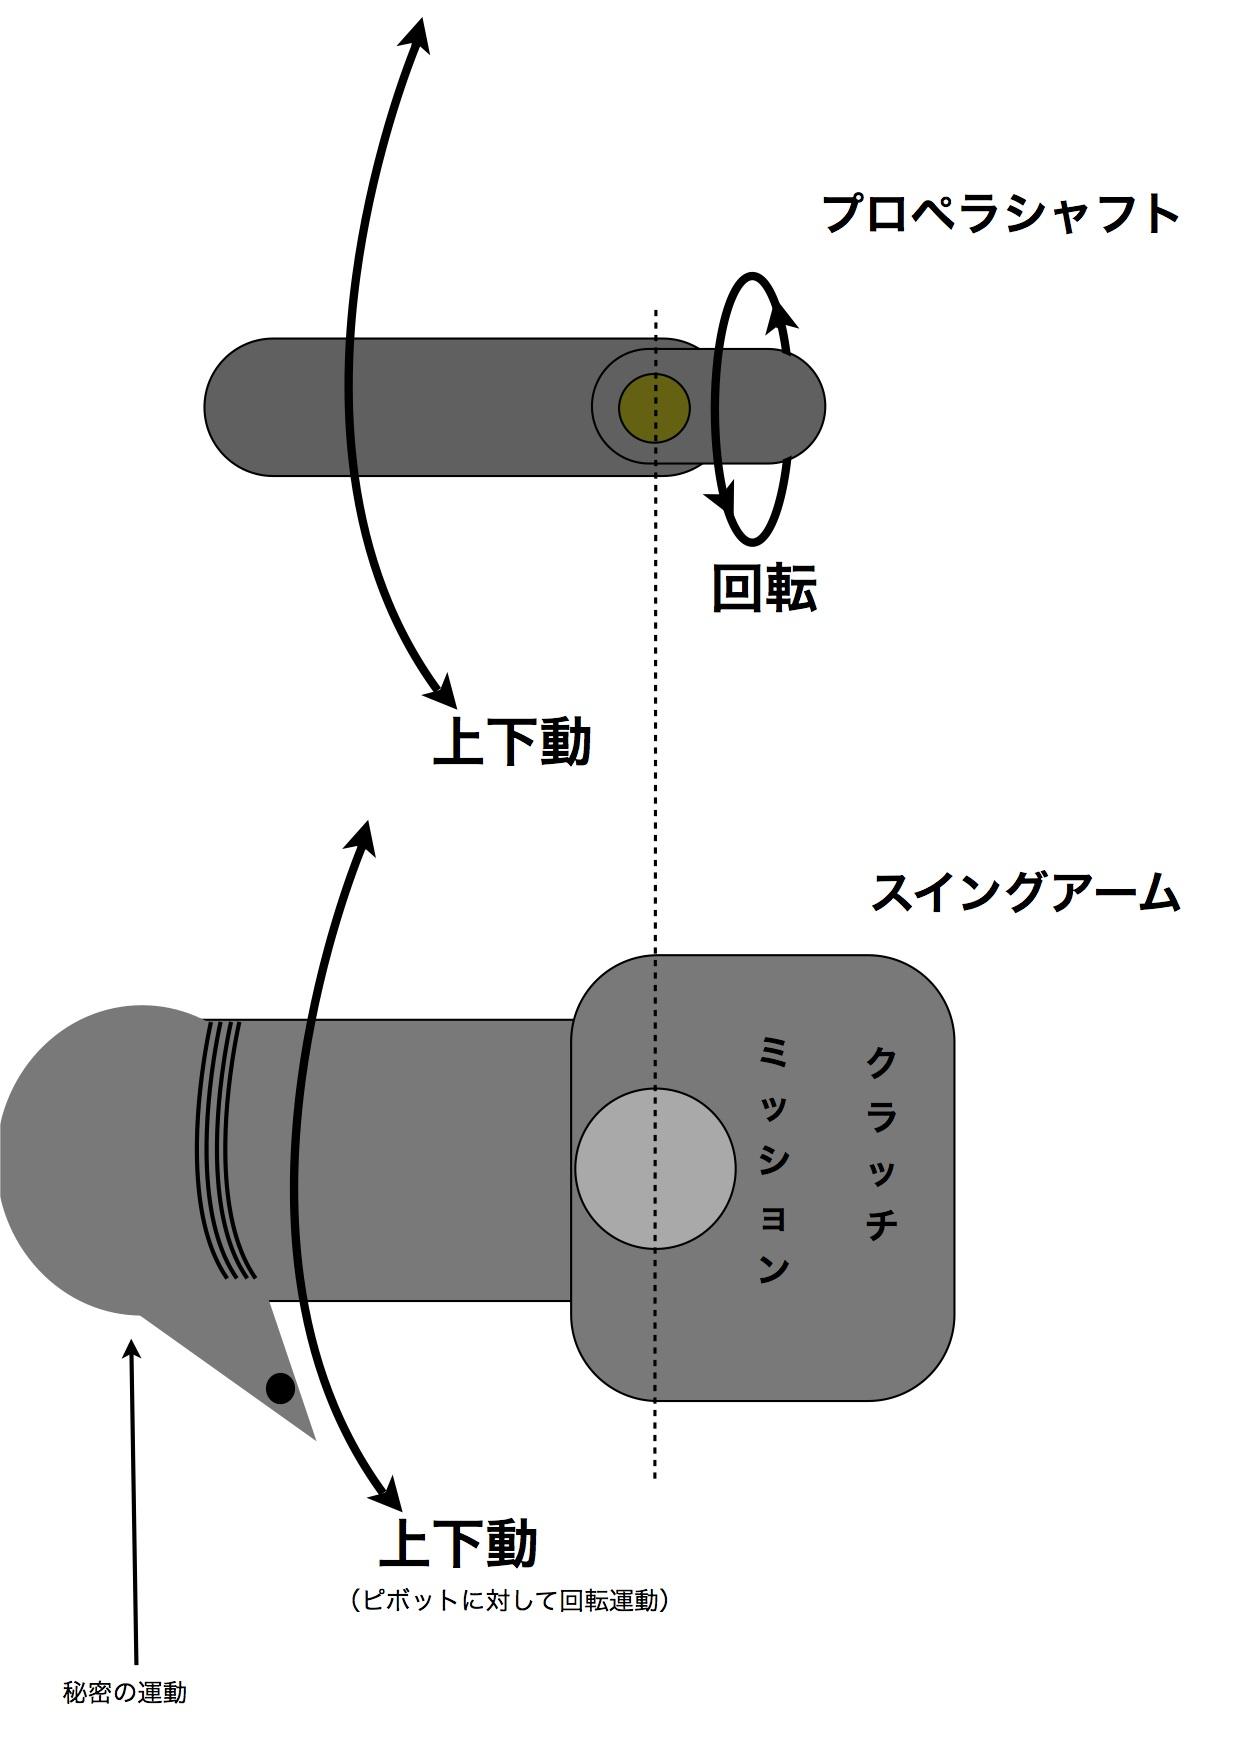 【K1】プロペラシャフト取り外し_e0159646_6444395.jpg